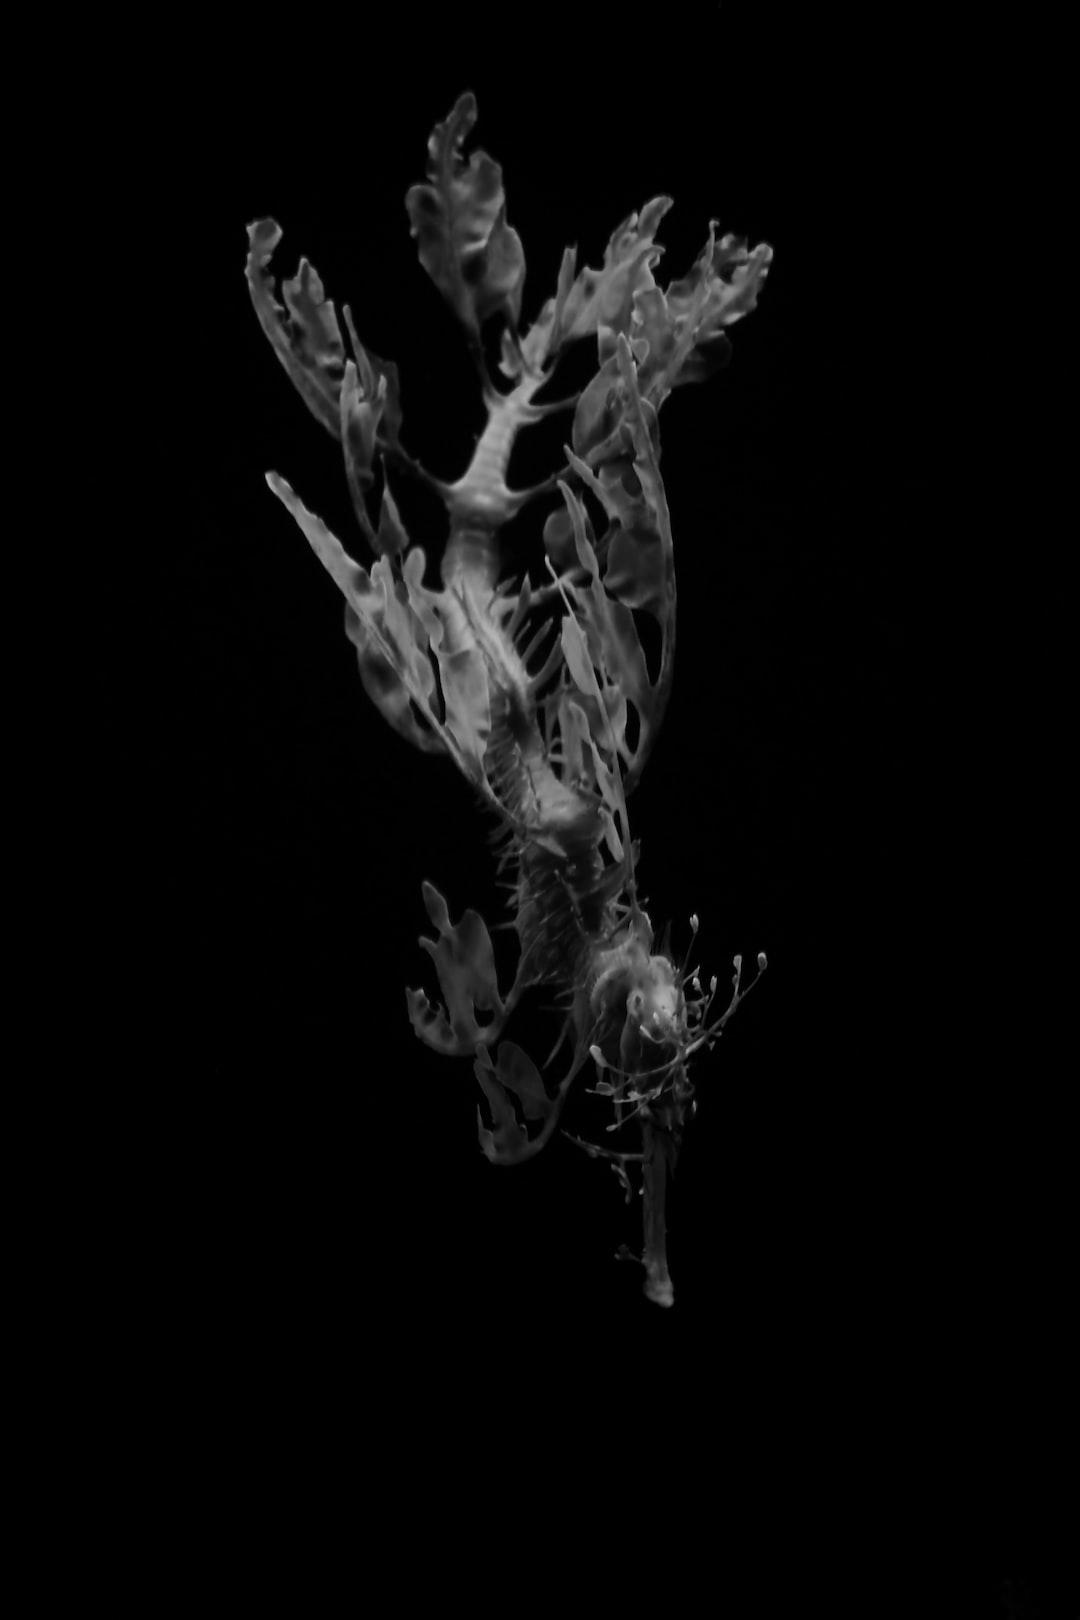 Dance of the Leafy Sea Dragon